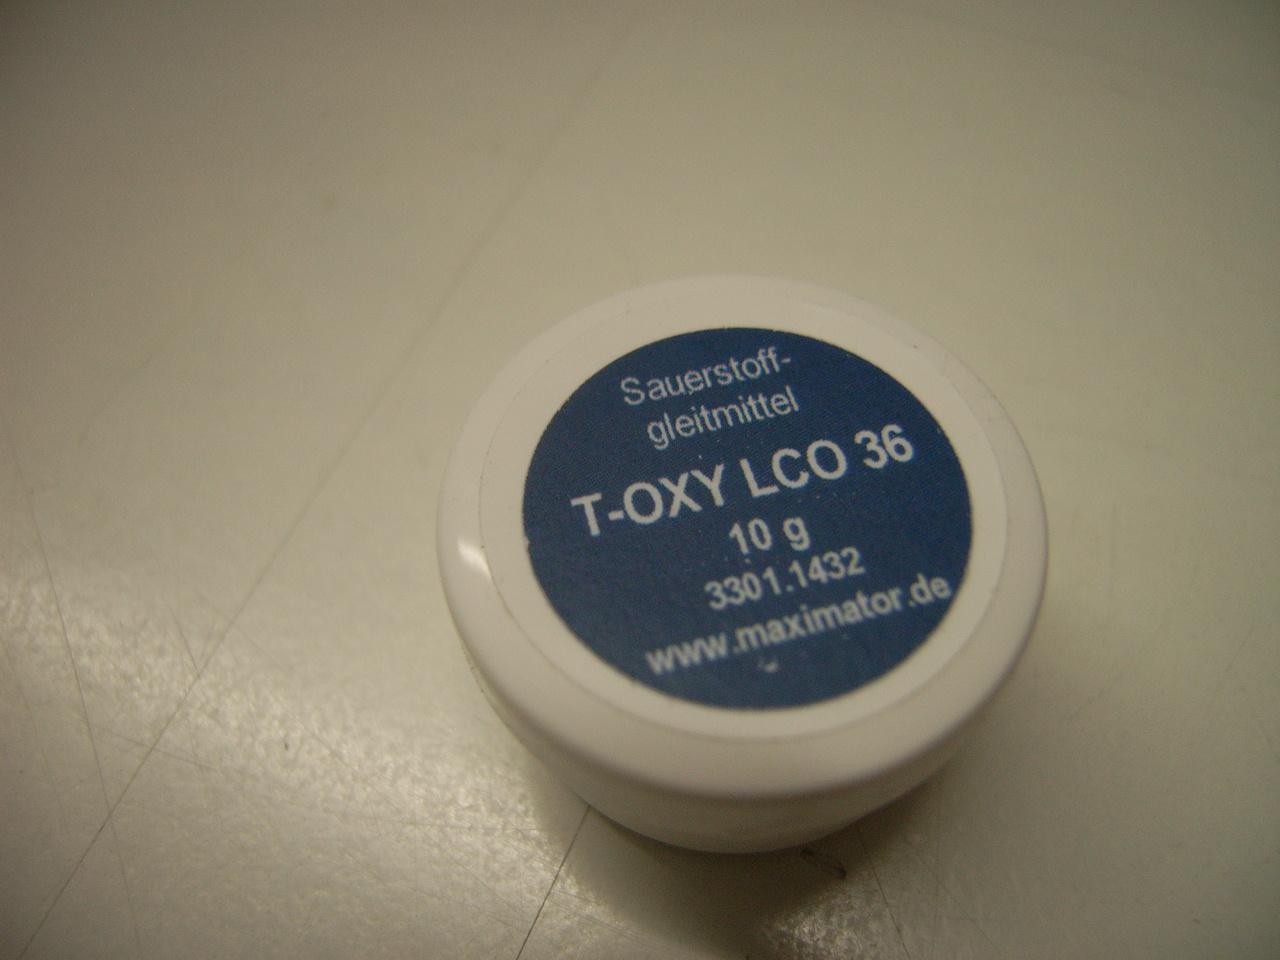 T-Oxy LCO 36, Sauerstoffgleitmittel, 10 gr.